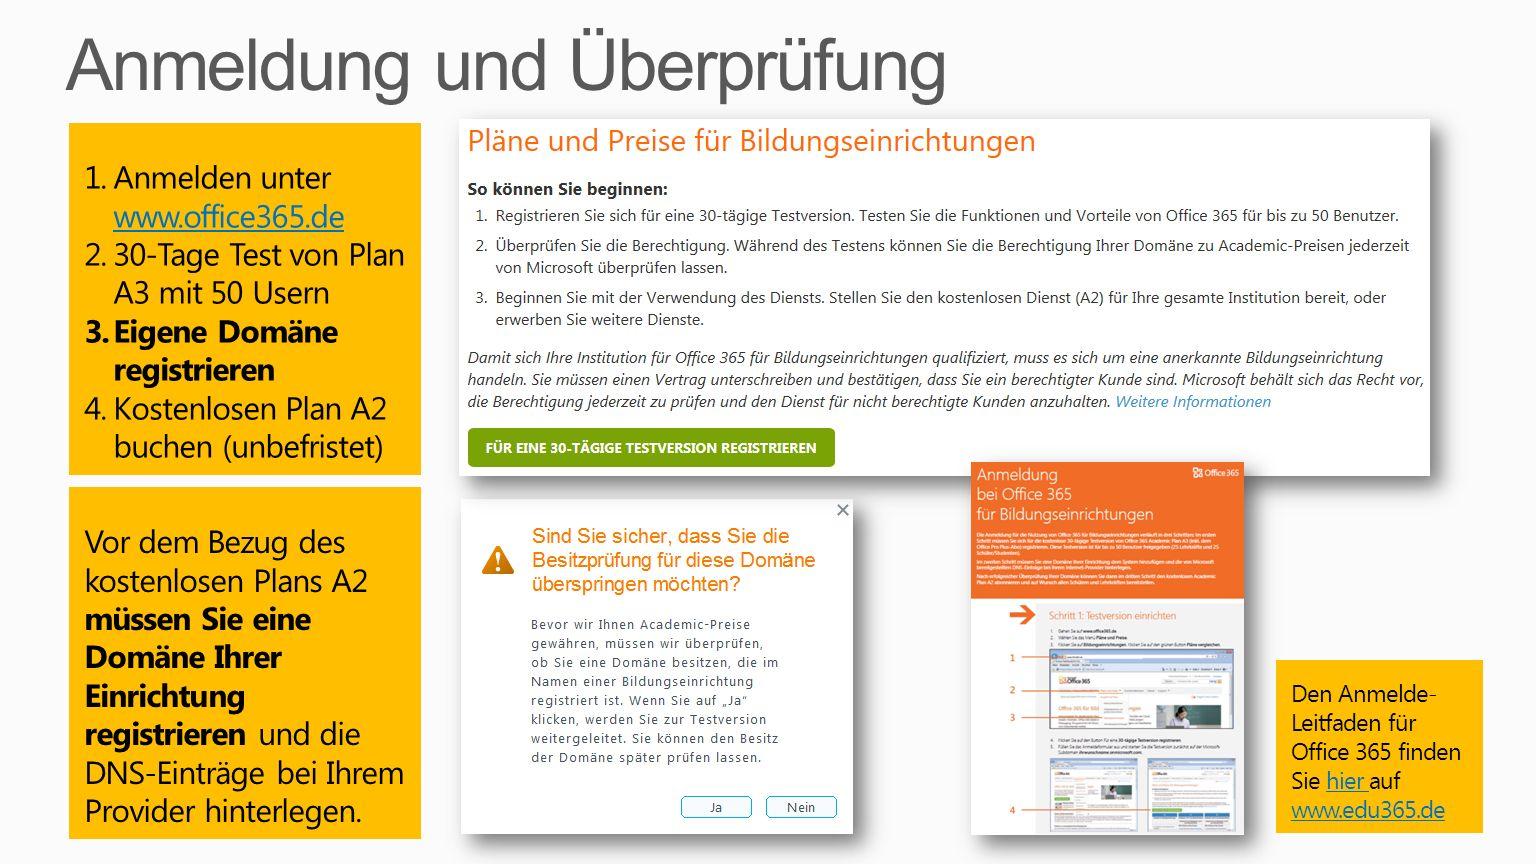 1.Anmelden unter www.office365.de www.office365.de 2.30-Tage Test von Plan A3 mit 50 Usern 3.Eigene Domäne registrieren 4.Kostenlosen Plan A2 buchen (